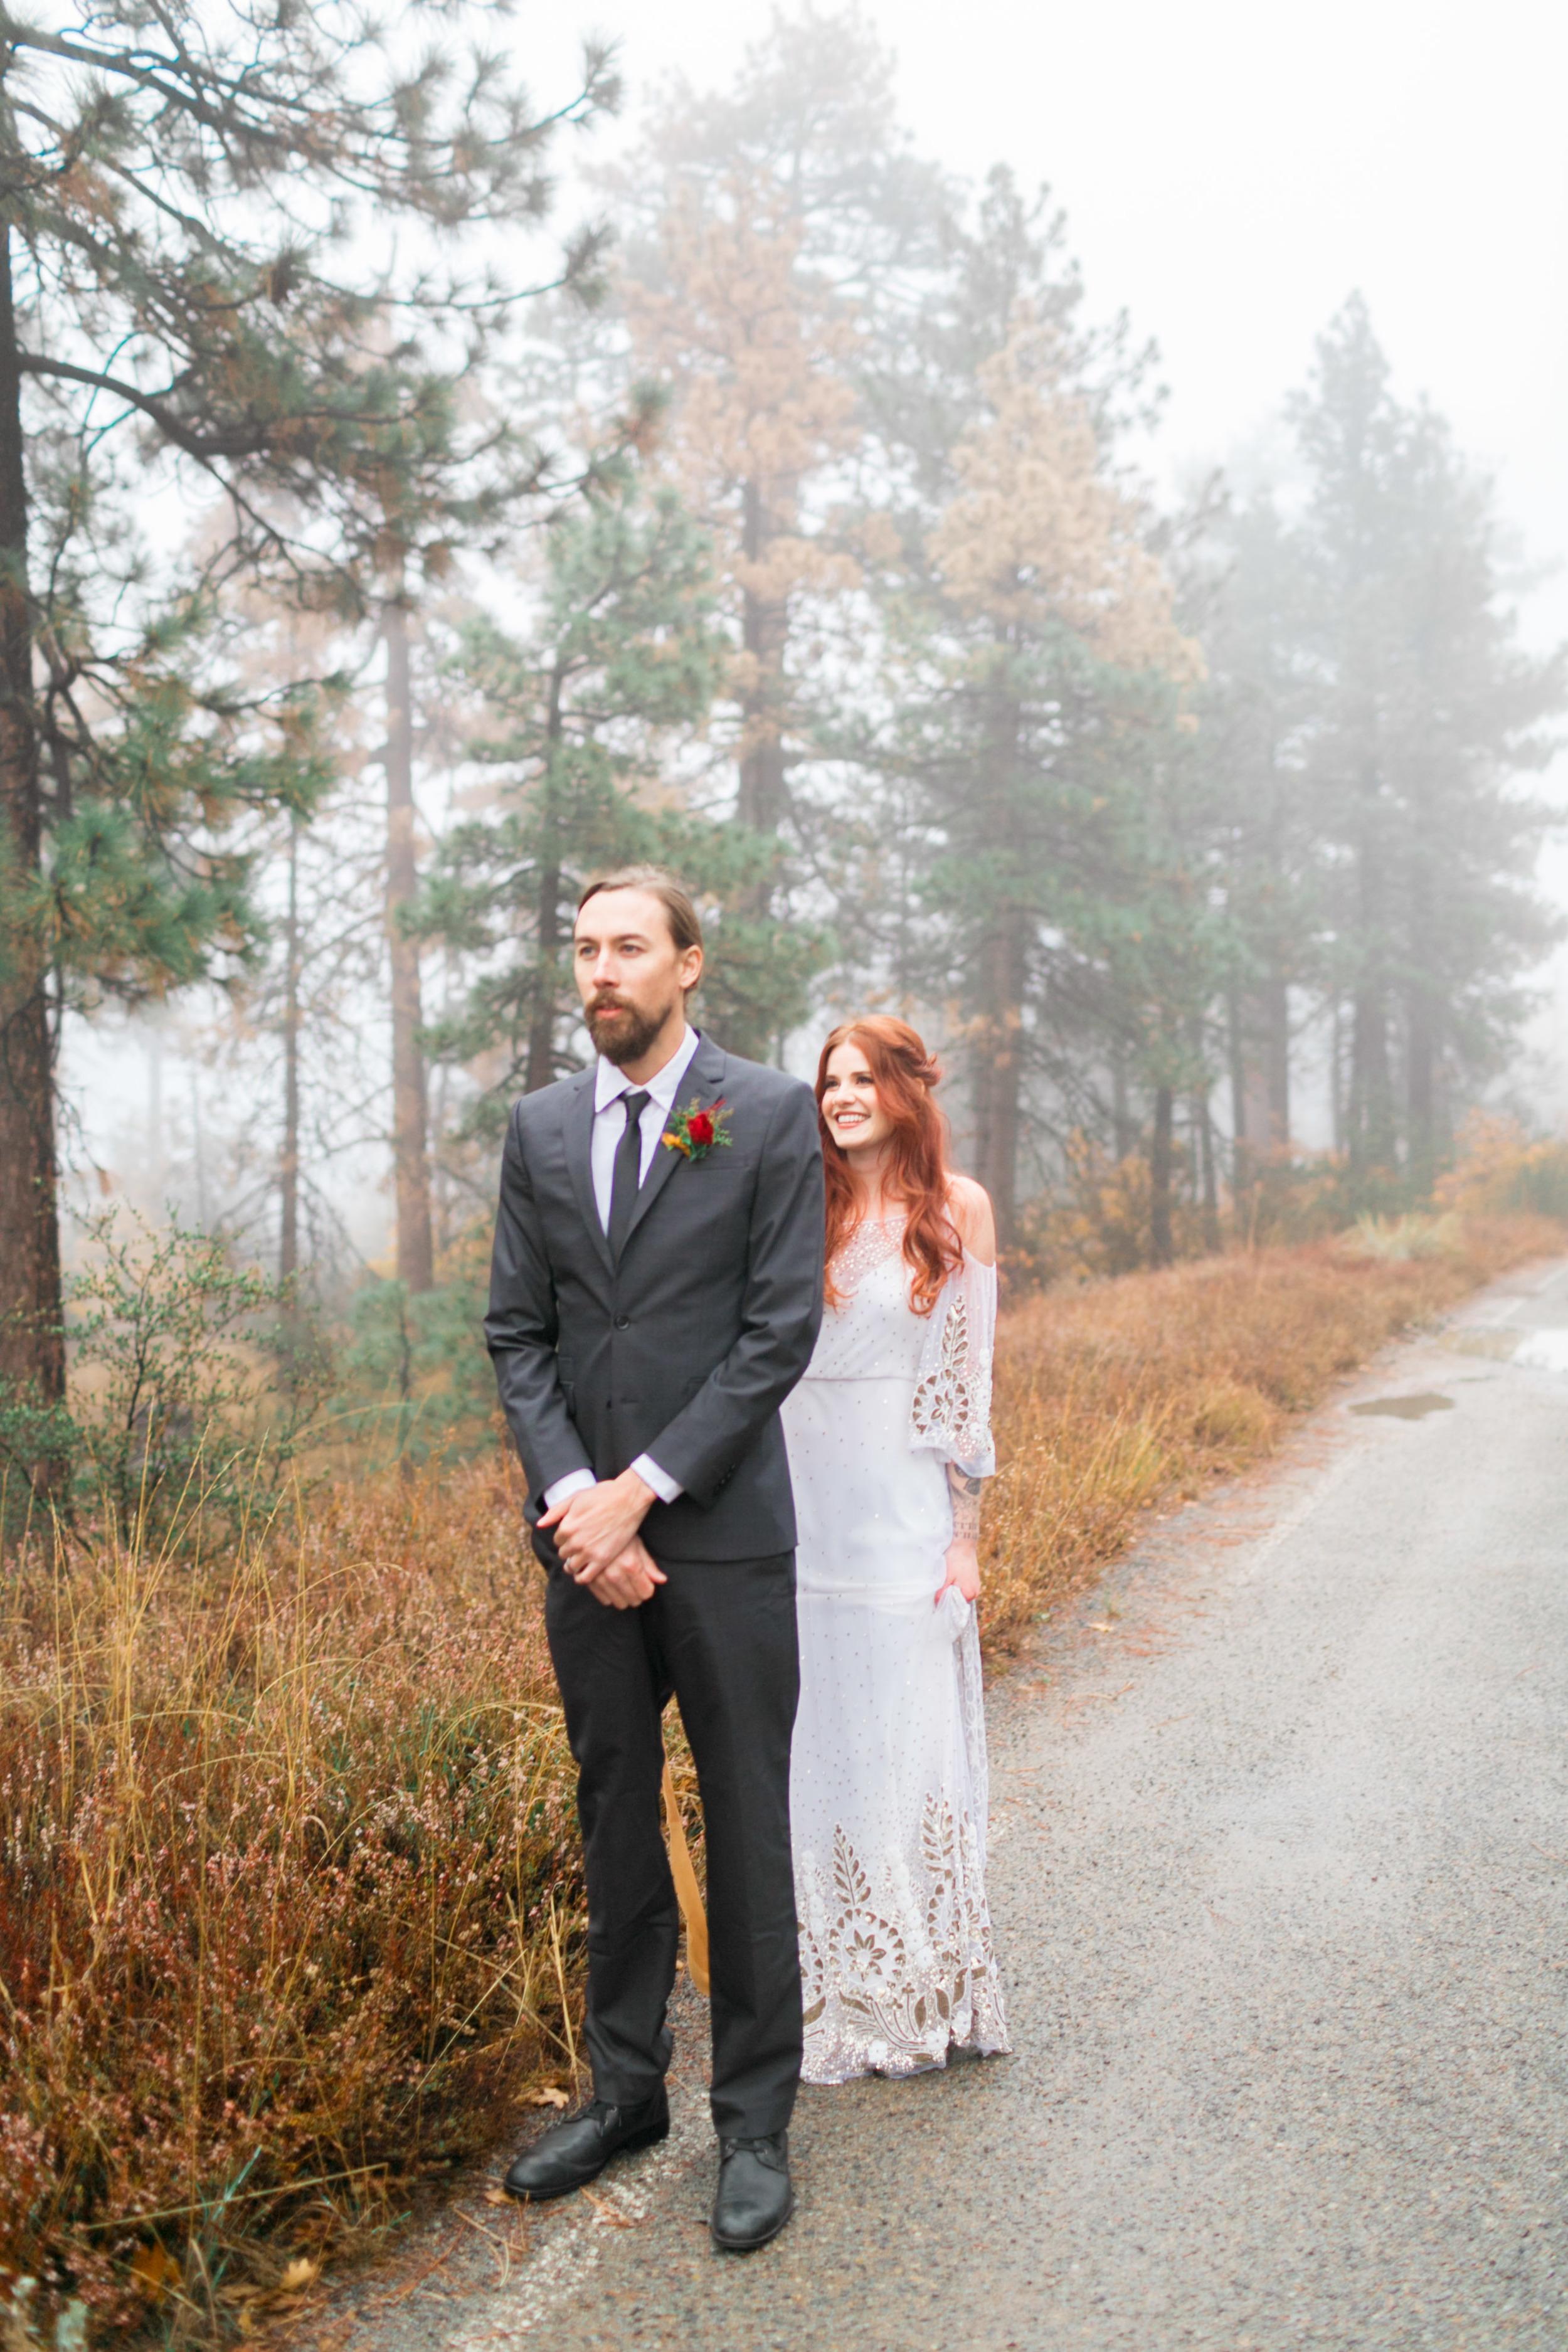 Natalie Schutt Photography woods-1.jpg